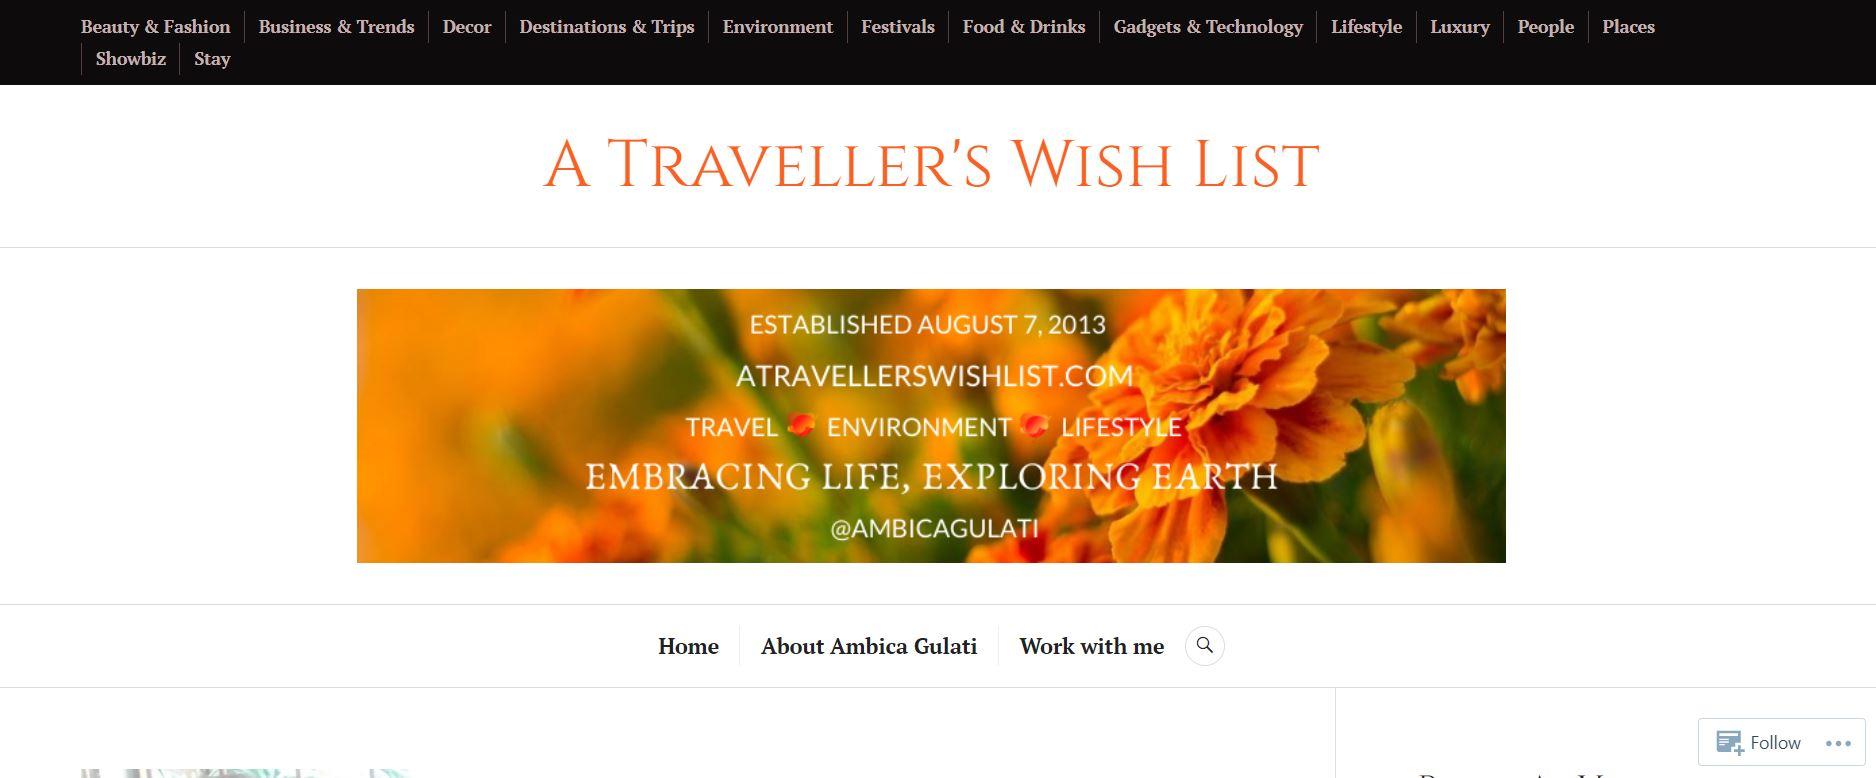 A Traveller's Wish List